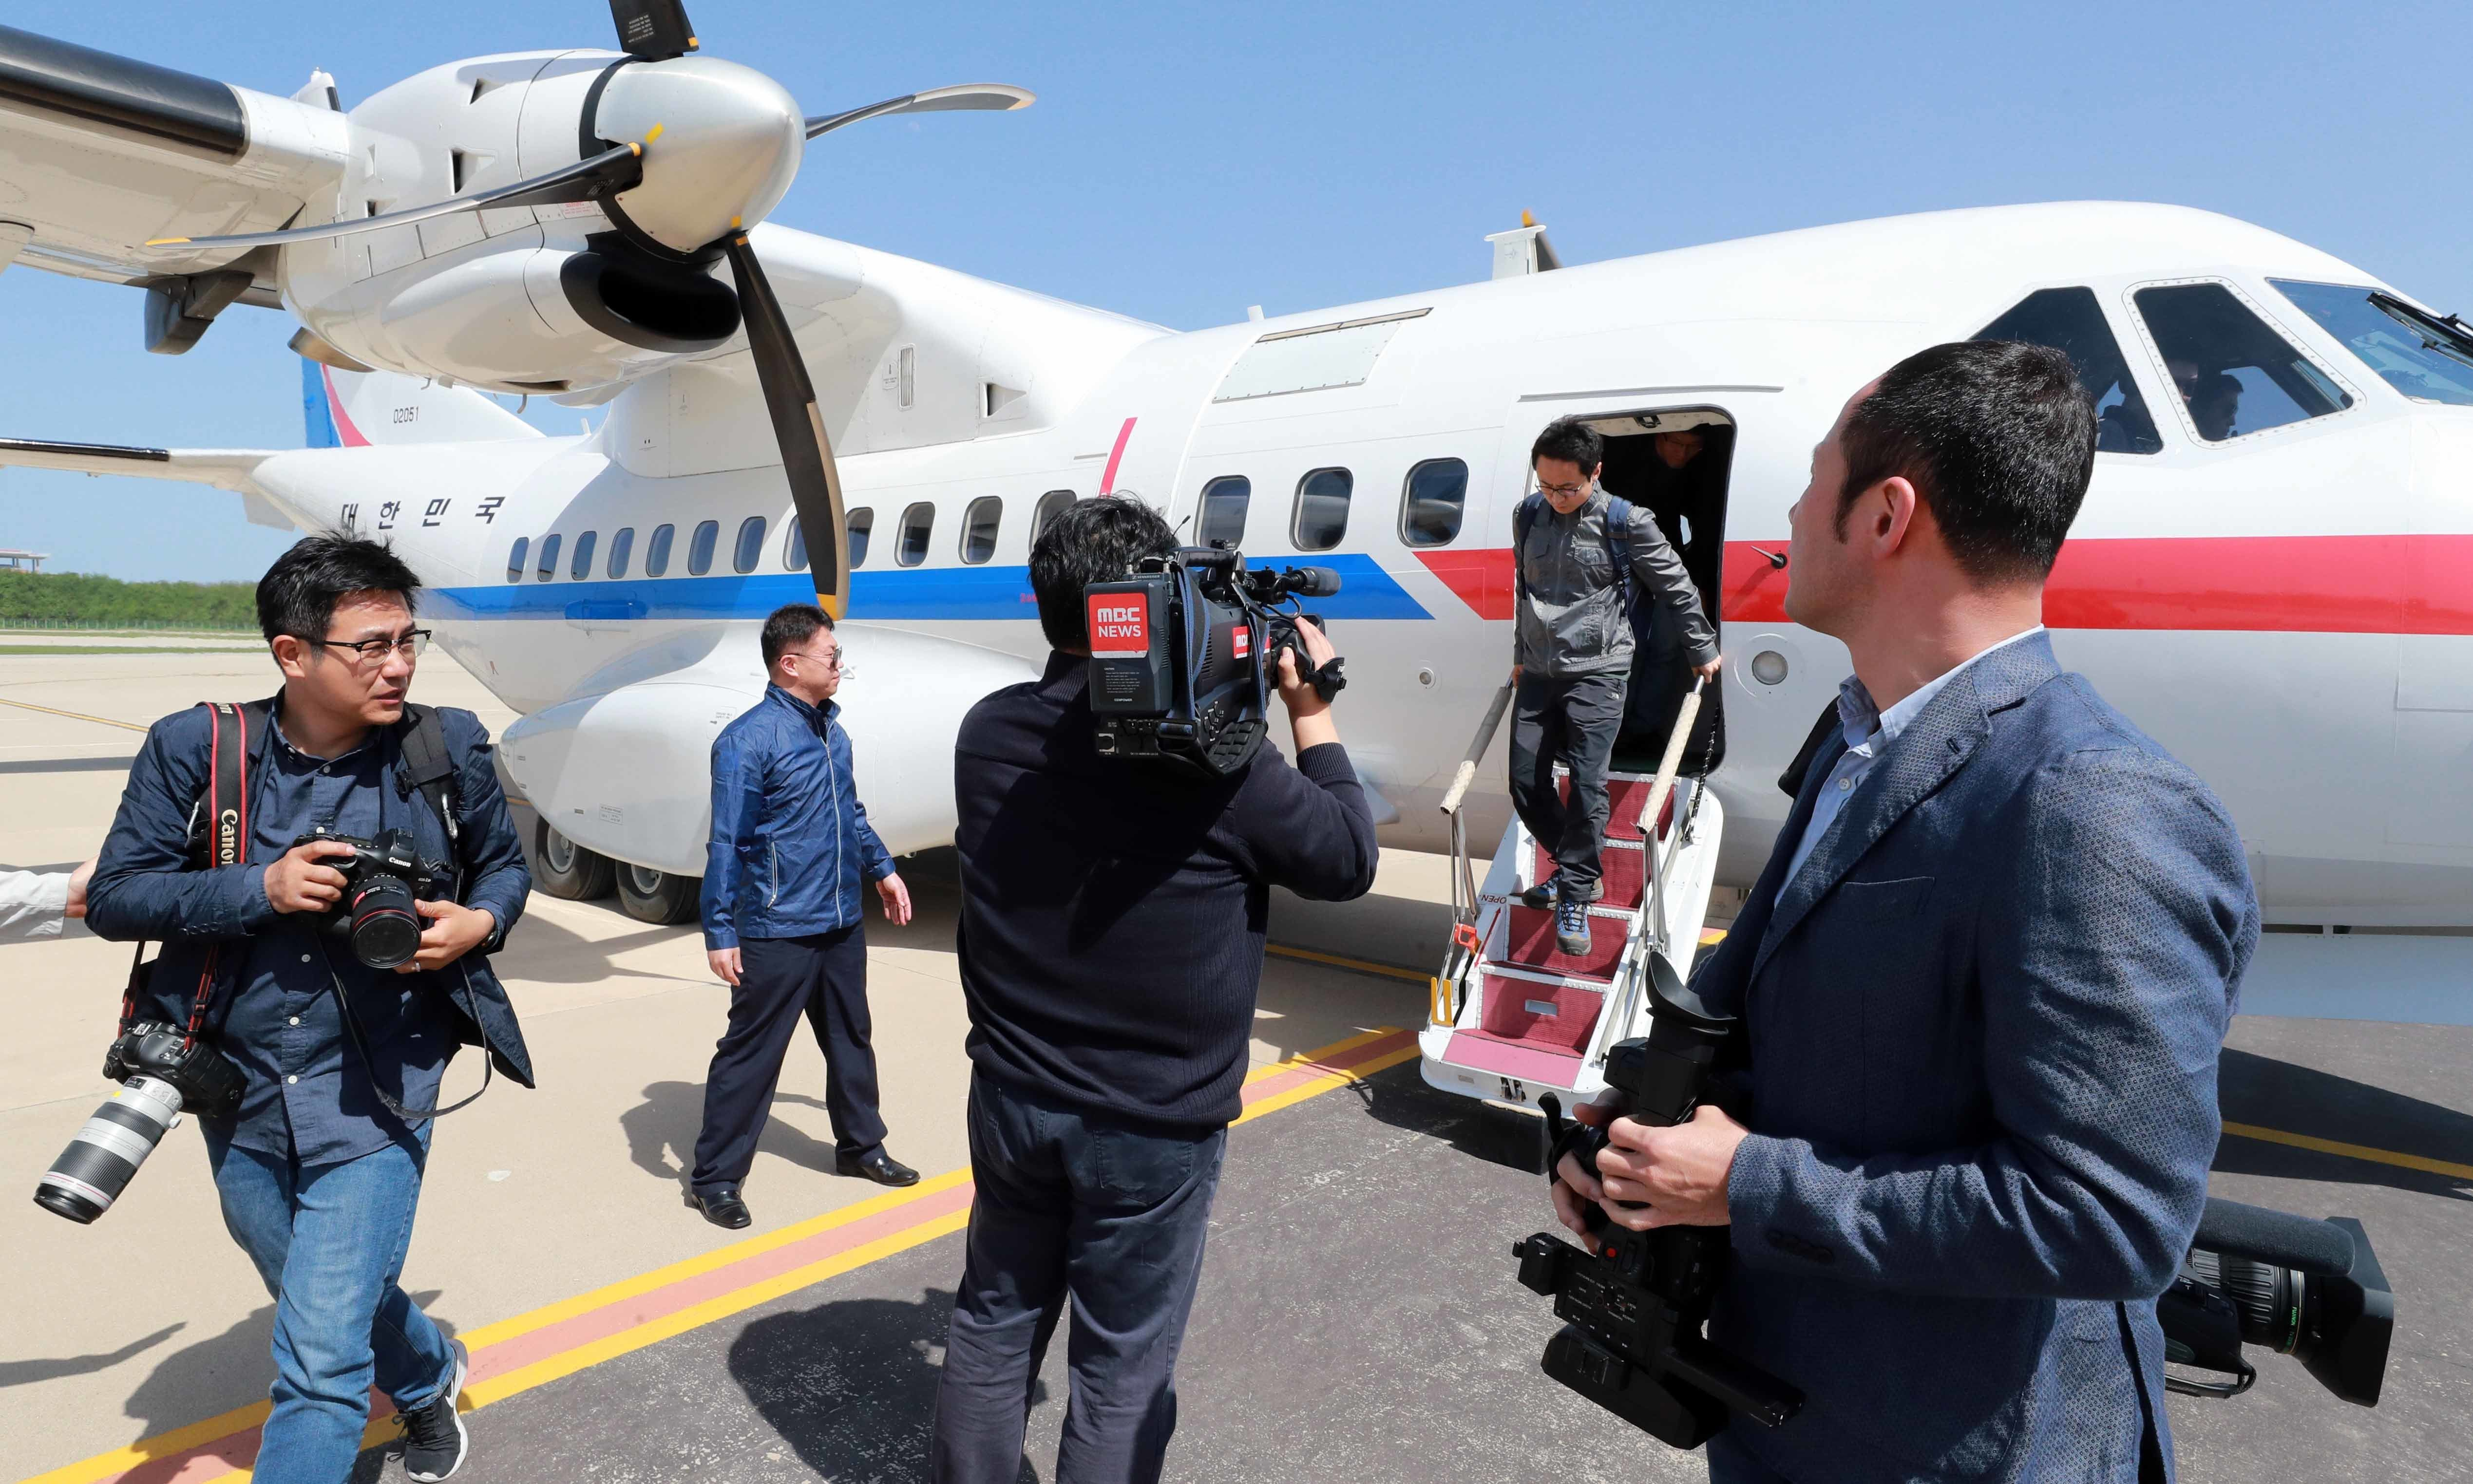 북한 원산에 도착한 한국 기자가 소감을